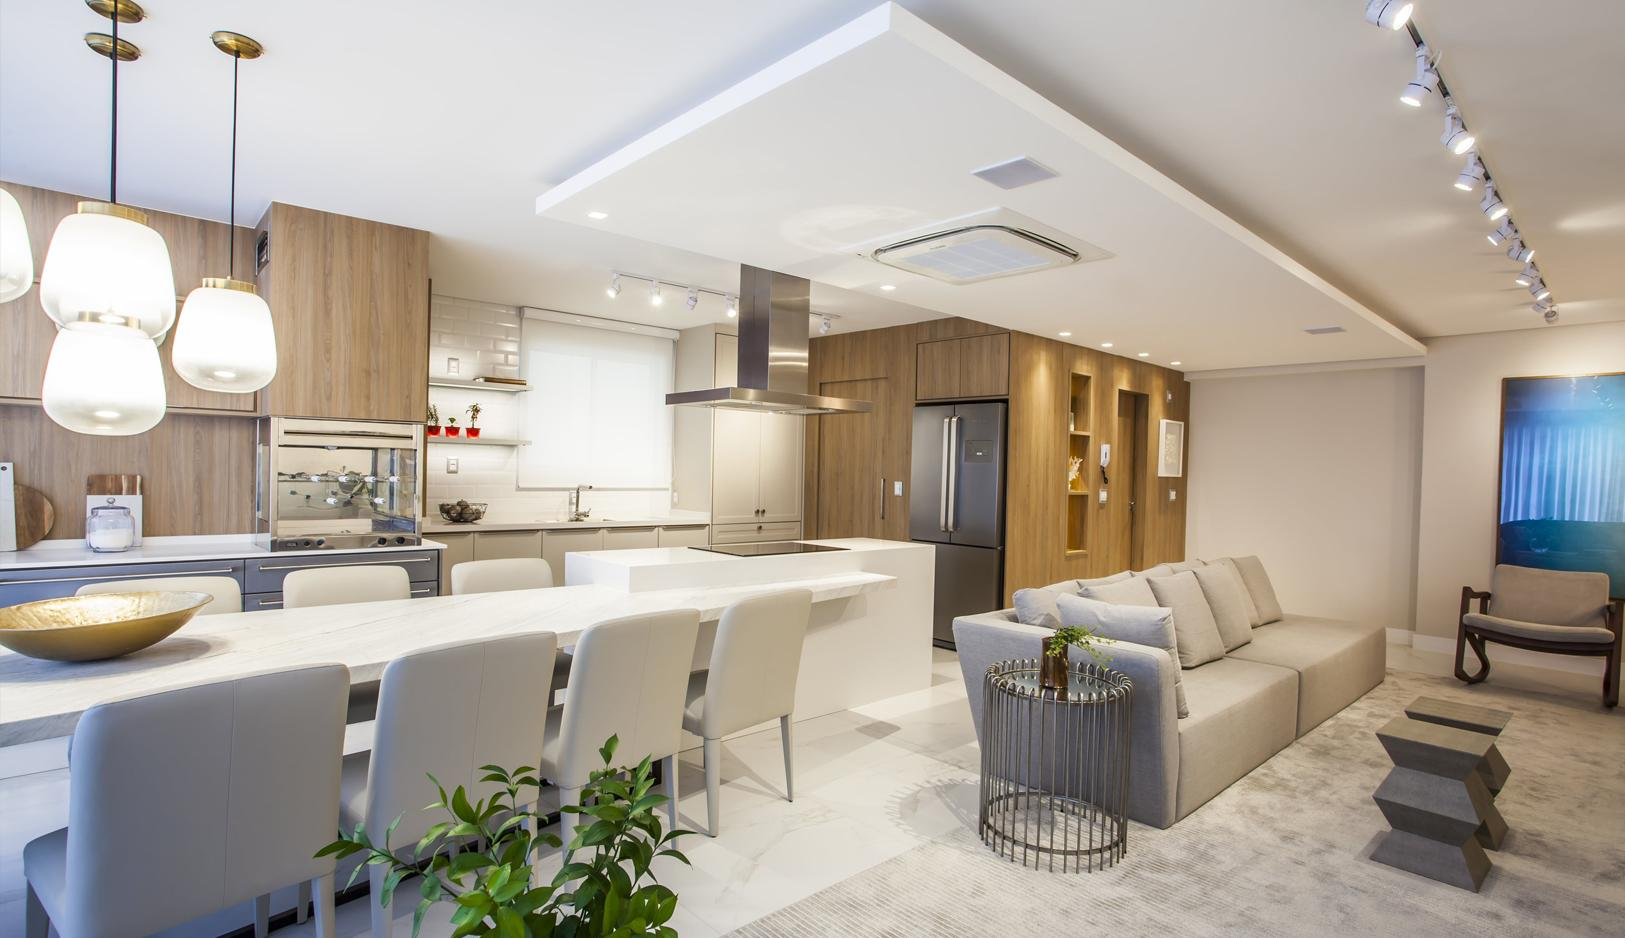 Apartamento Decorado com Quatro Suíte no Ocean Breeze em Balneário Camboriú